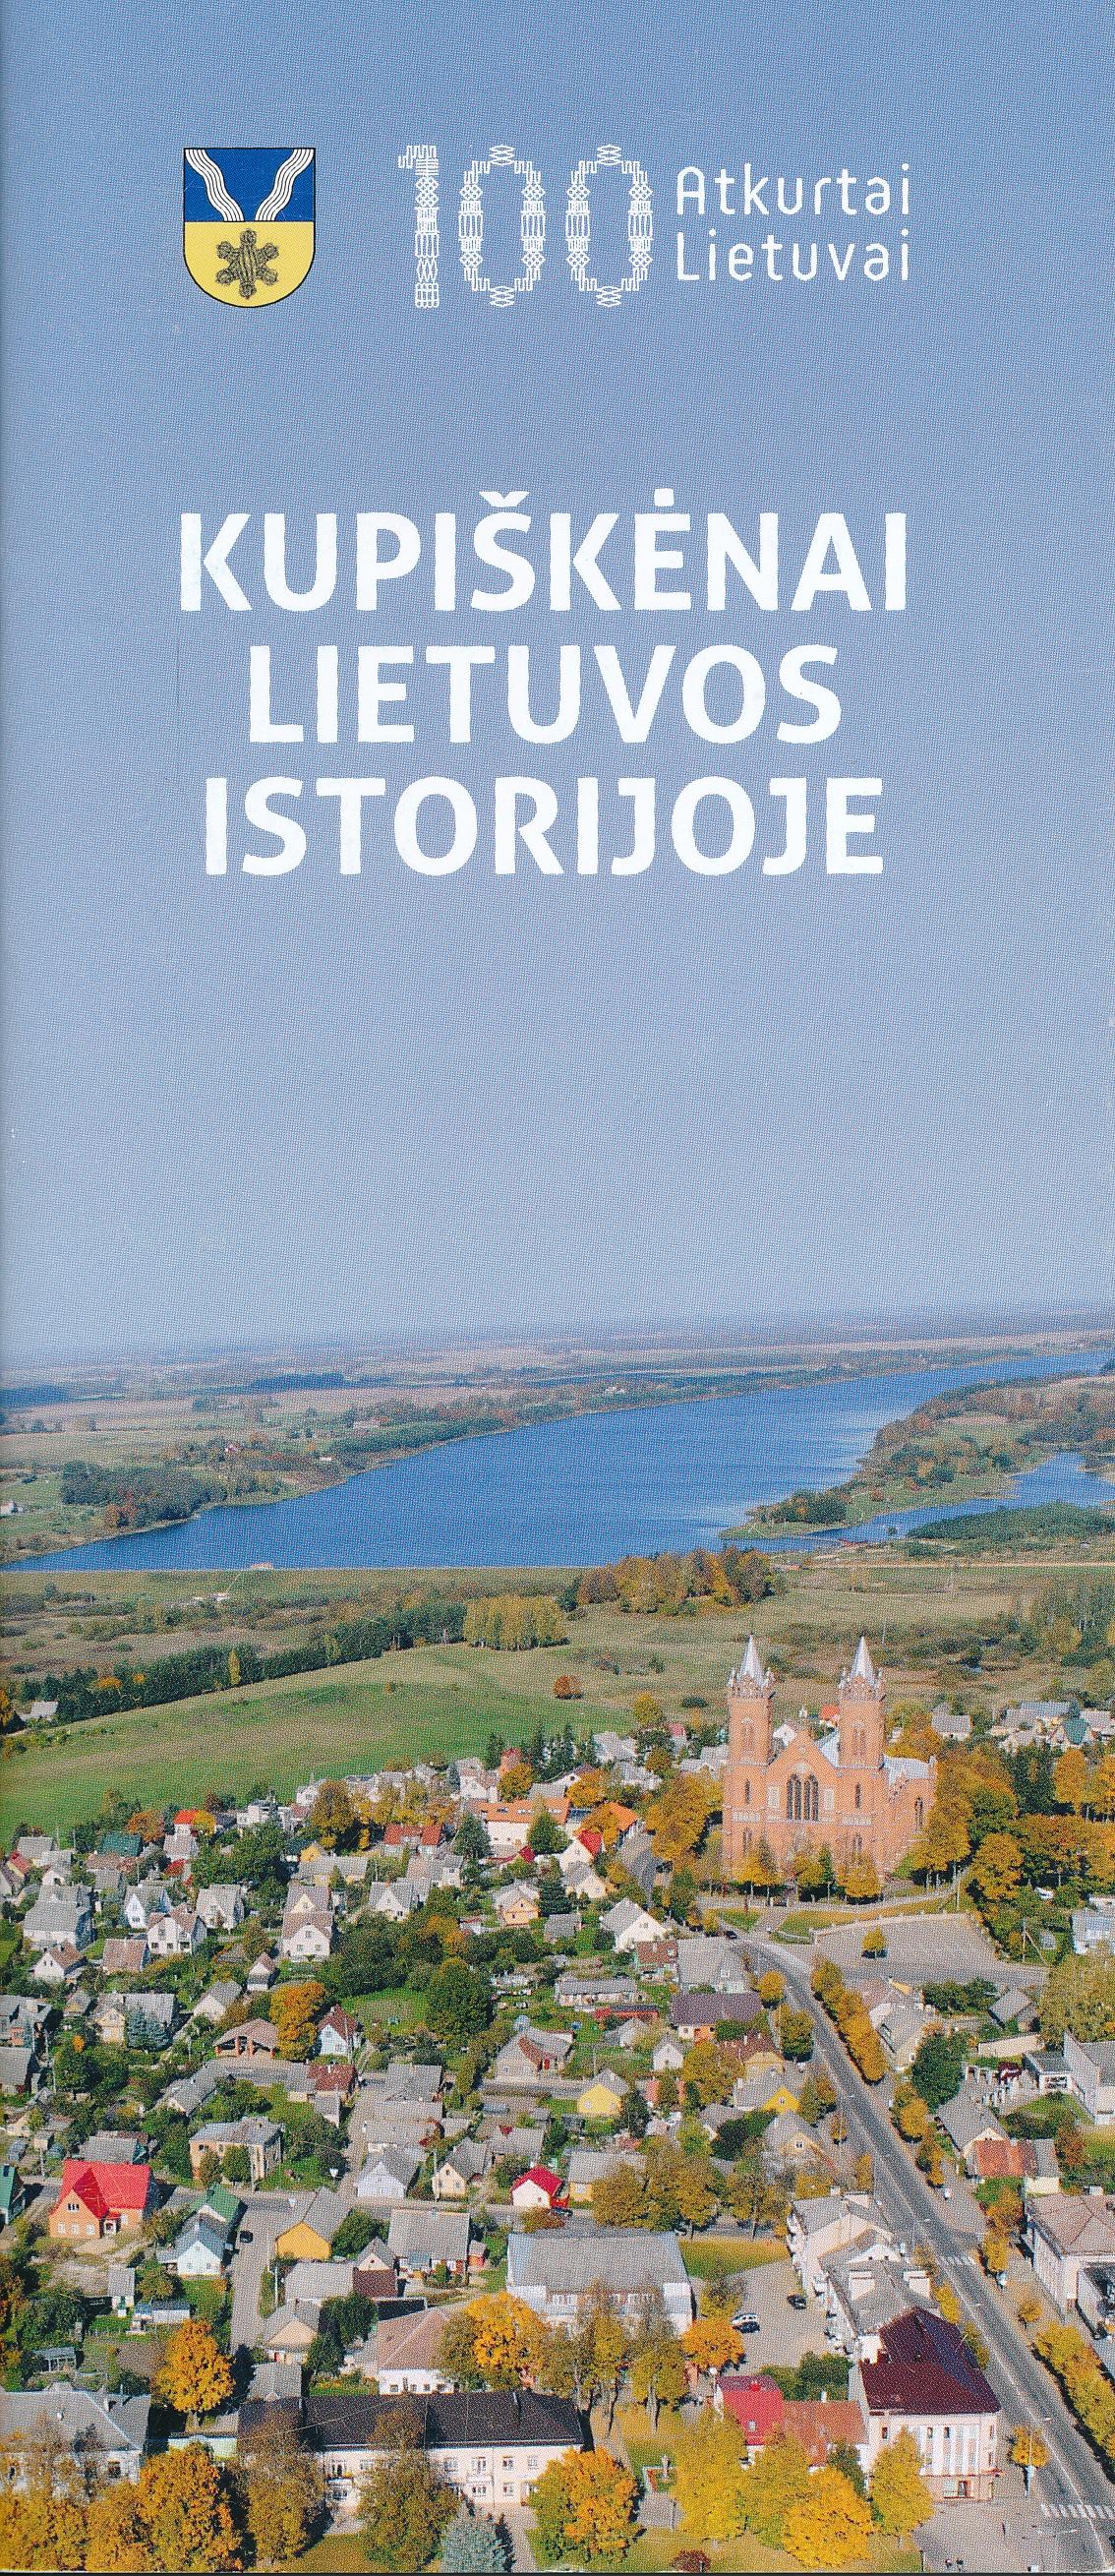 Kupiškėnai Lietuvos istorijoje